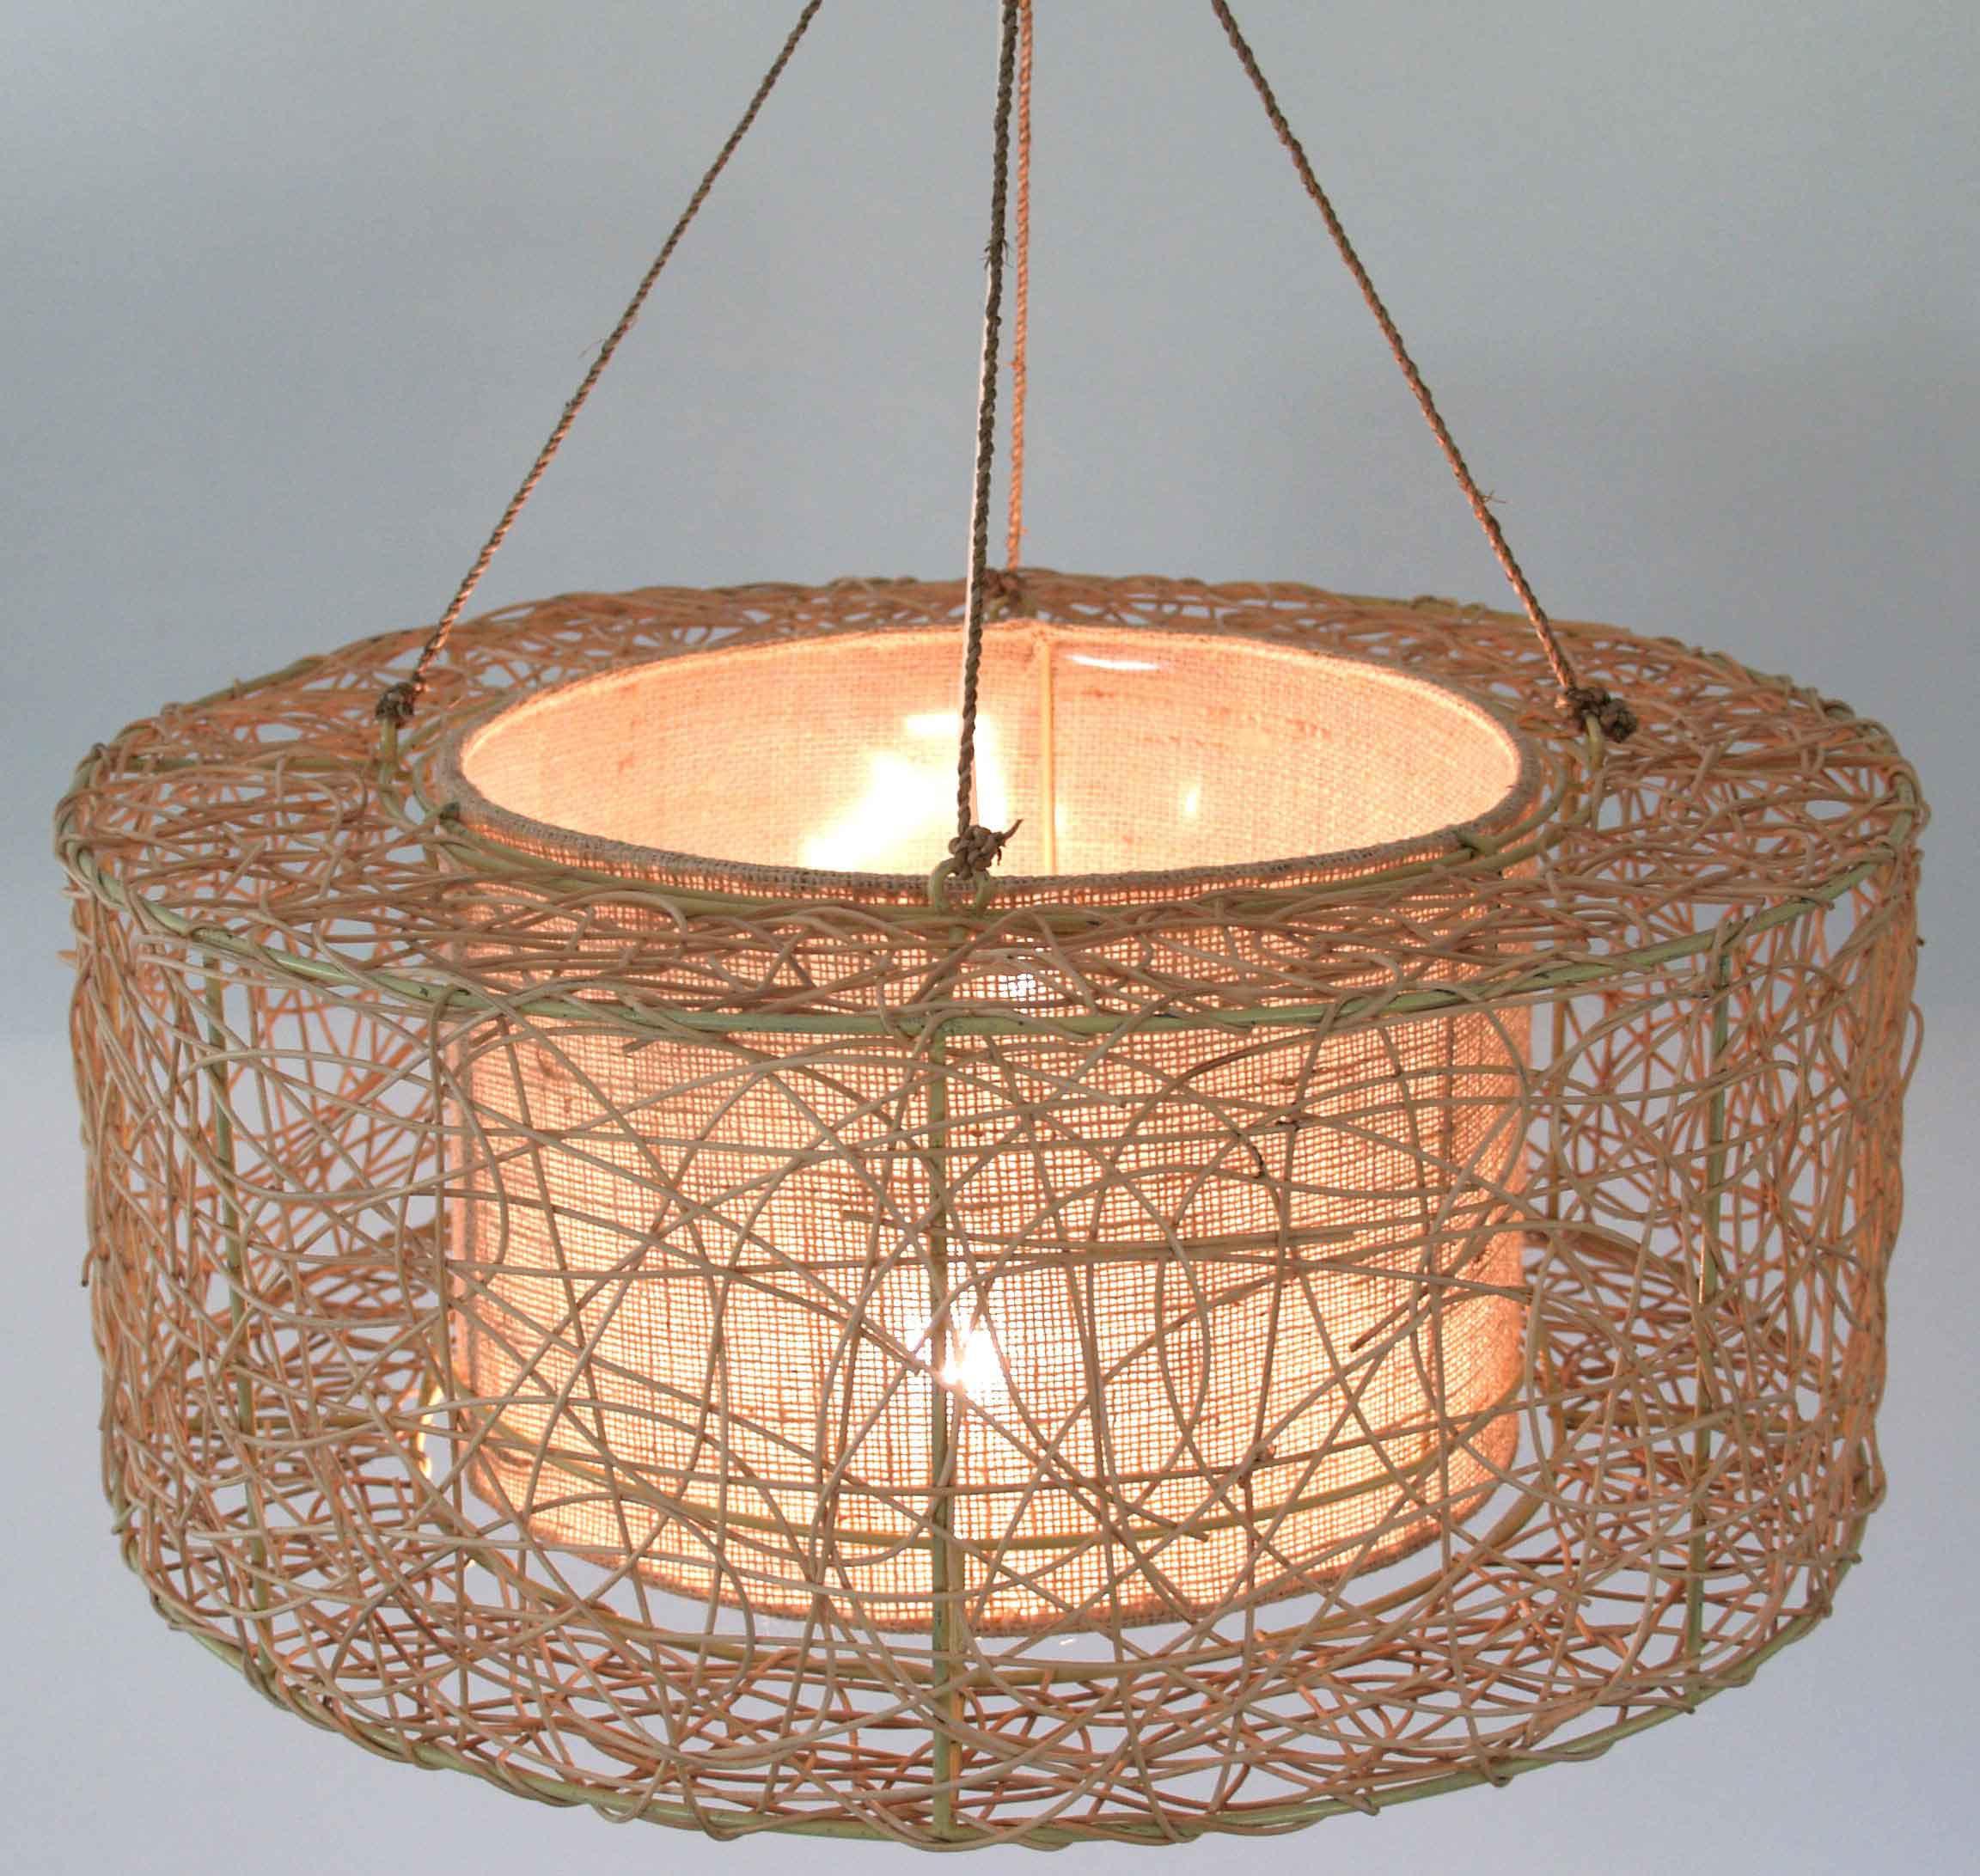 deckenlampe rattan glas pendelleuchte modern. Black Bedroom Furniture Sets. Home Design Ideas